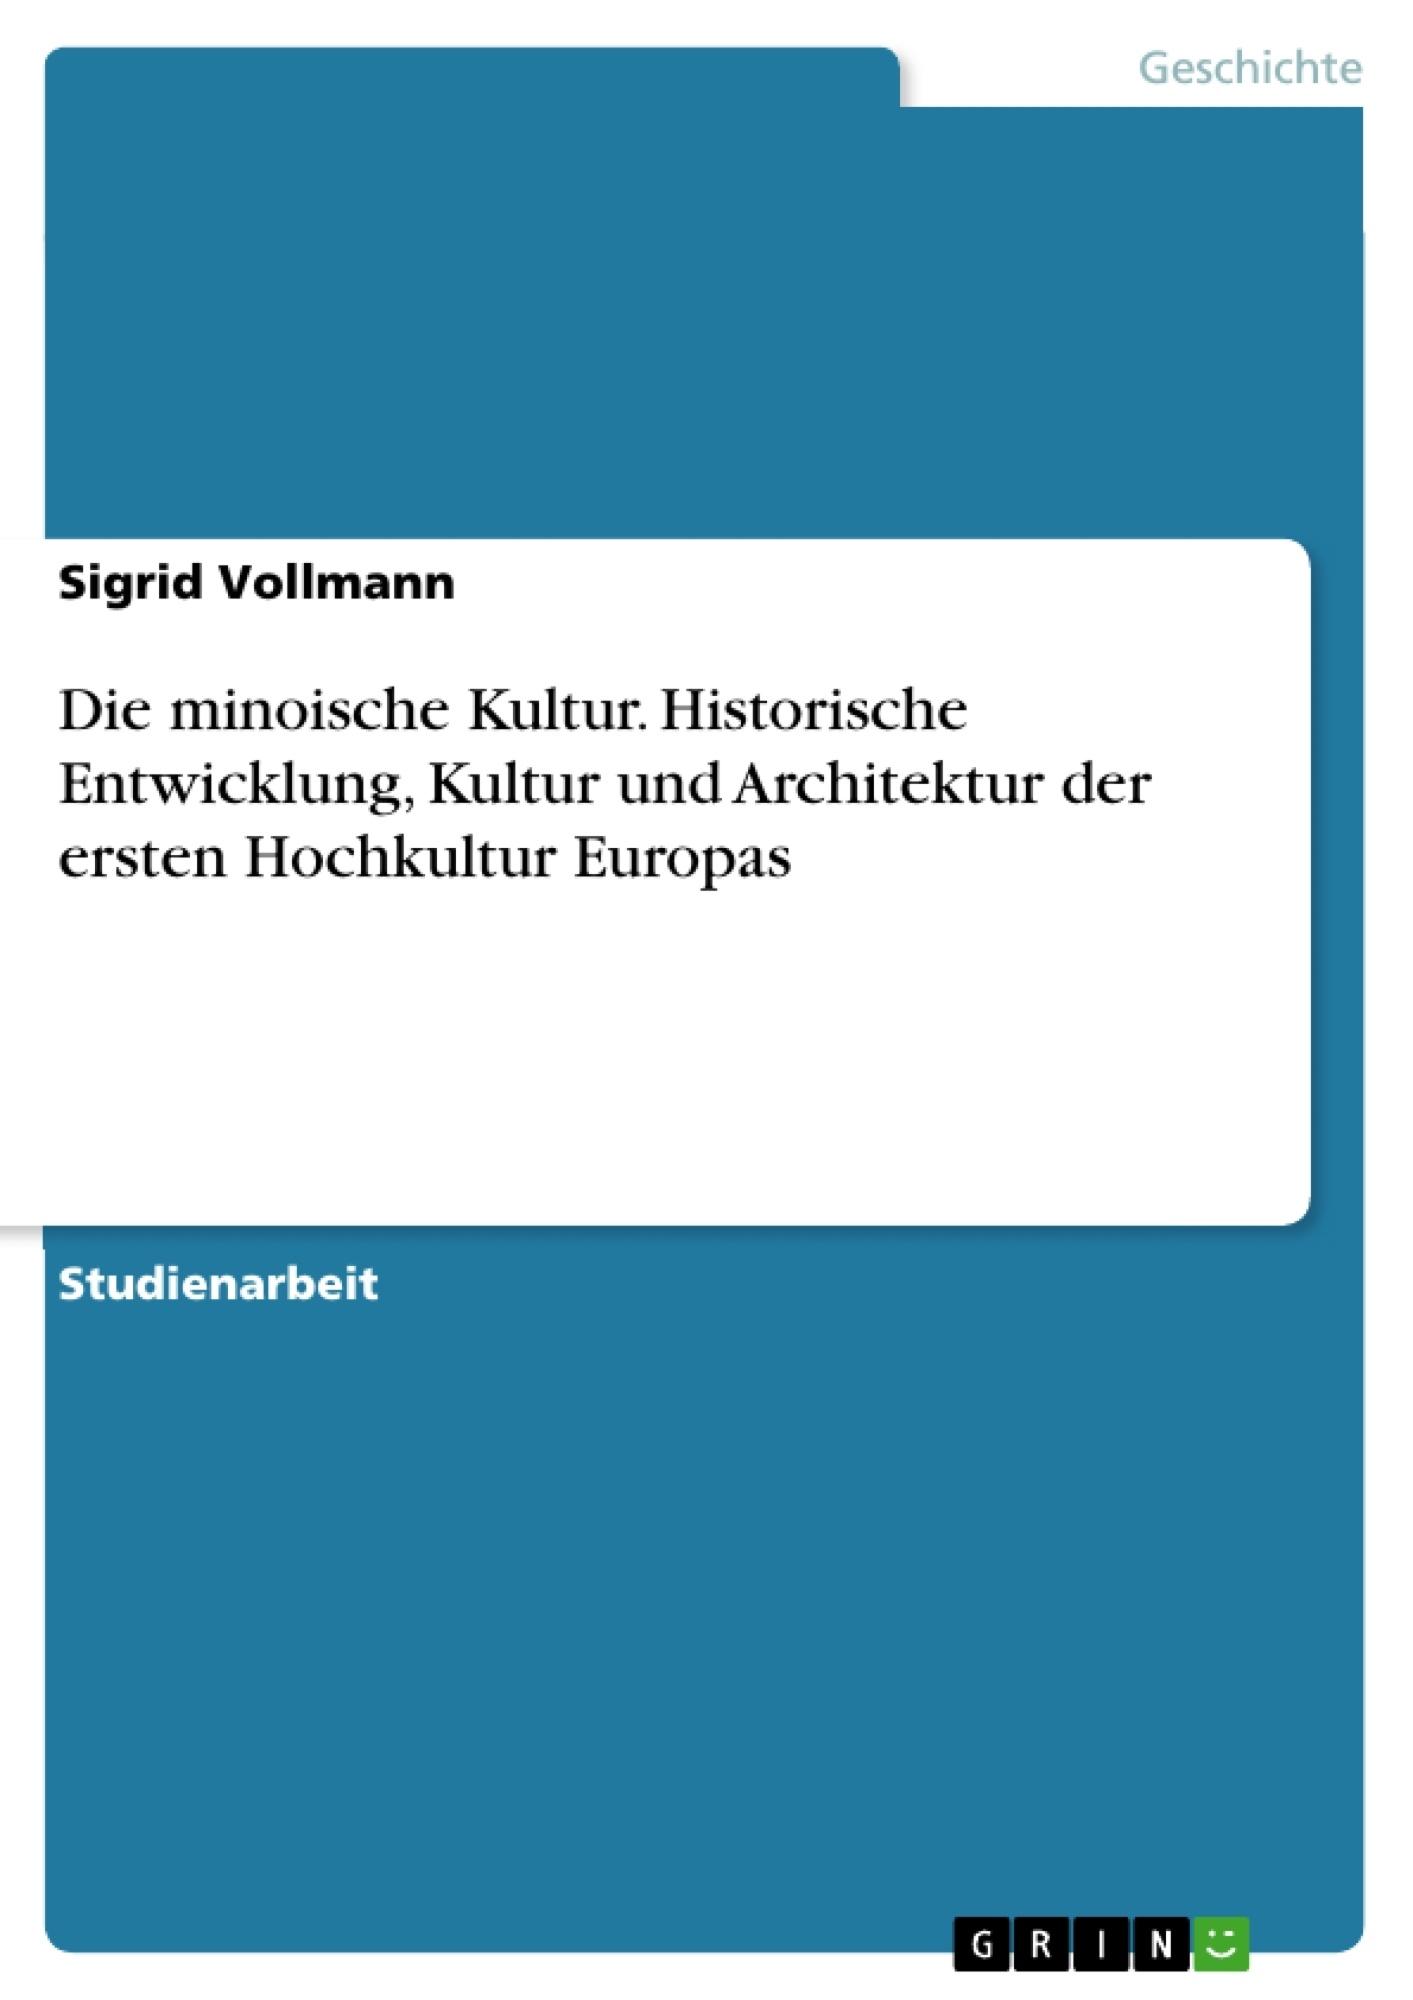 Titel: Die minoische Kultur. Historische Entwicklung, Kultur und Architektur der ersten Hochkultur Europas